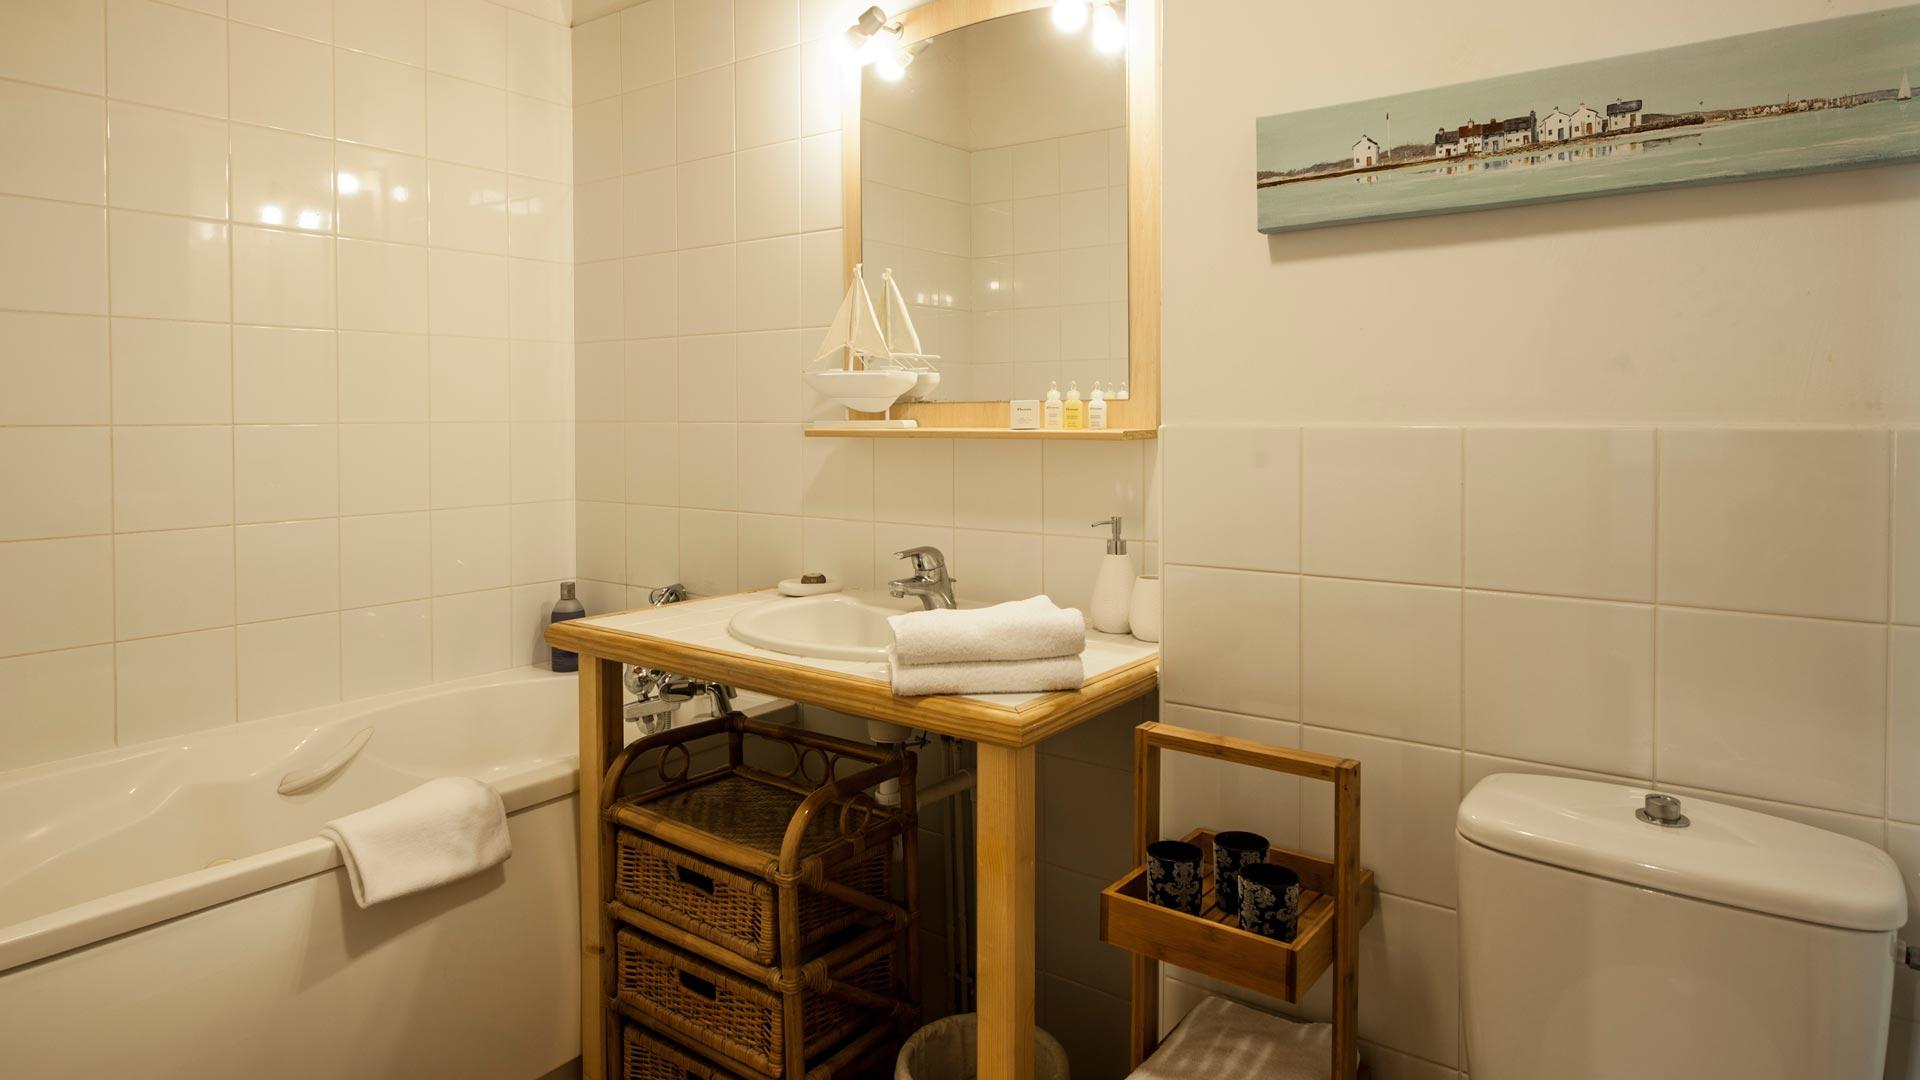 Bathroom in Le Petit Paradis Apartment in Ste Foy